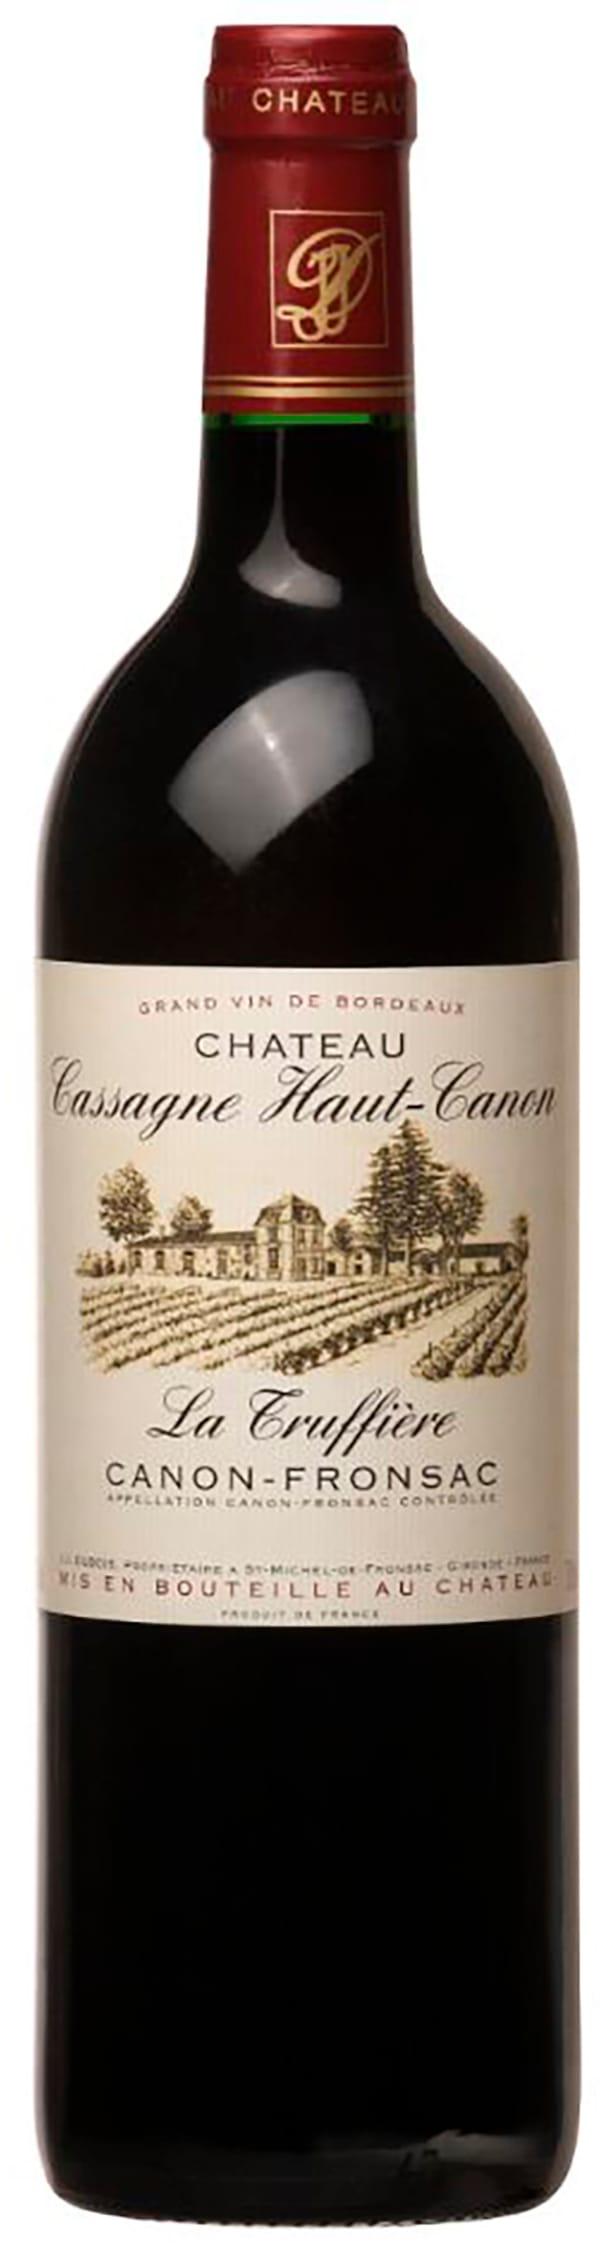 Château Cassagne Haut-Canon La Truffière 2009